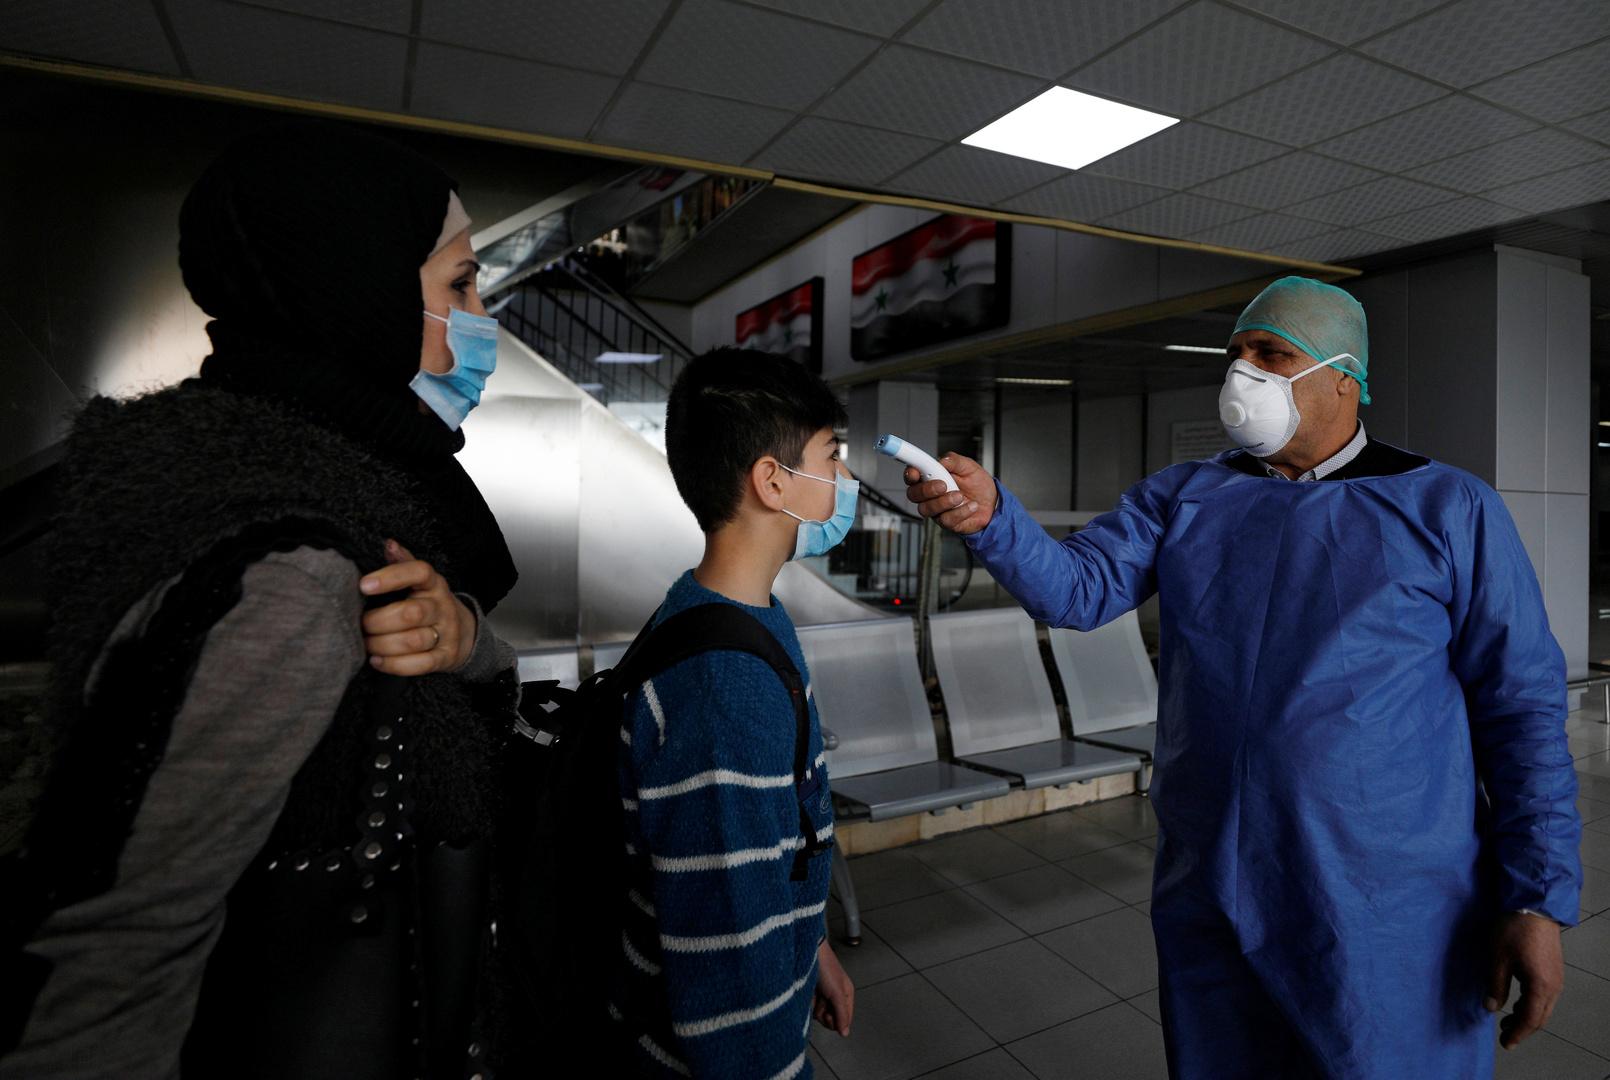 وزير الصحة السوري: المطارات ستفتح قريبا.. وإعادة إغلاق صالات الأفراح